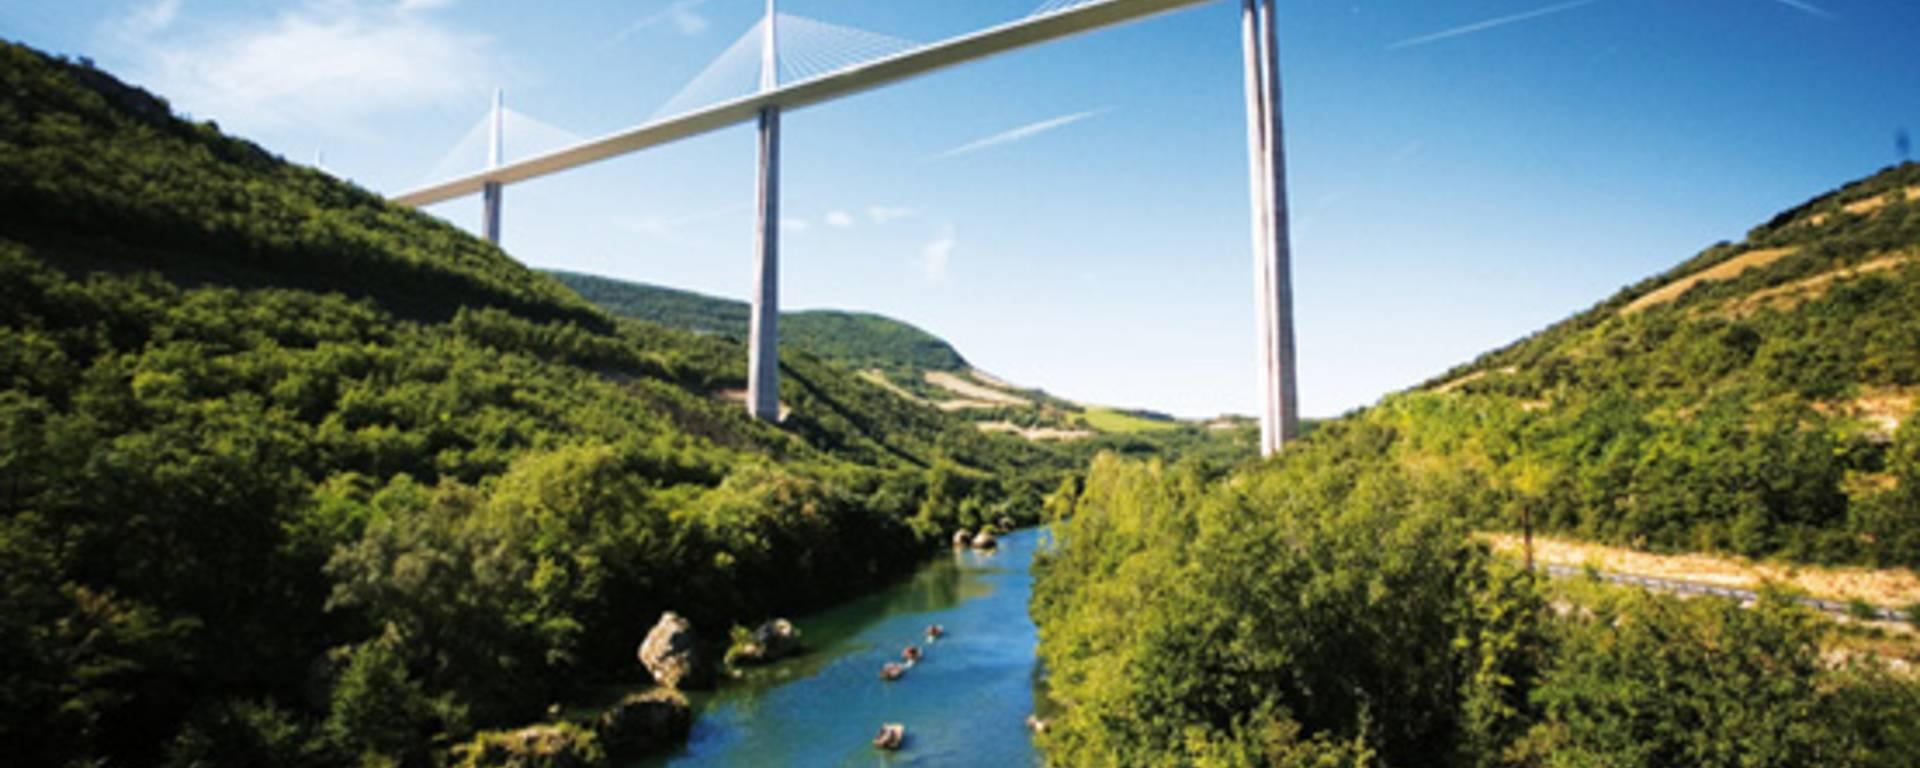 Séjour Groupes Millau et le Viaduc de Millau